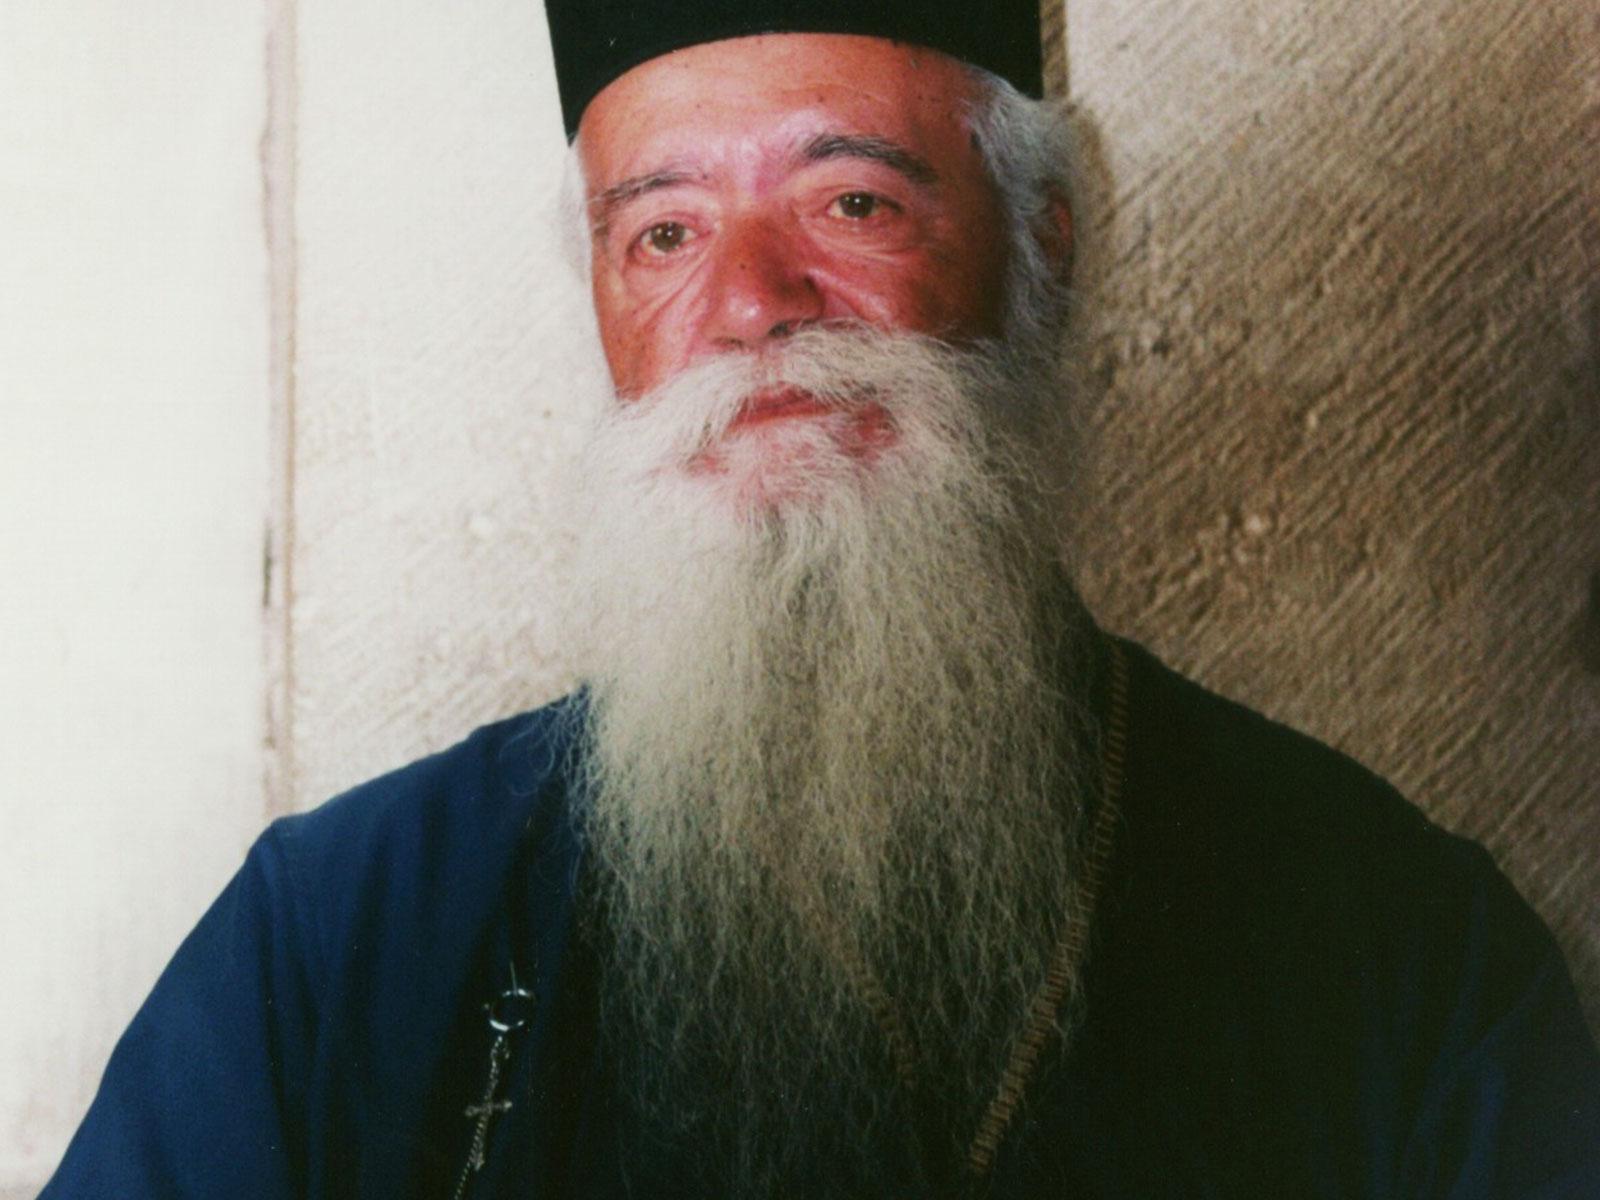 Christian Priest | Bethlehem | Israel | Dr Steven A Martin | International Education Online | Steven Andrew Martin